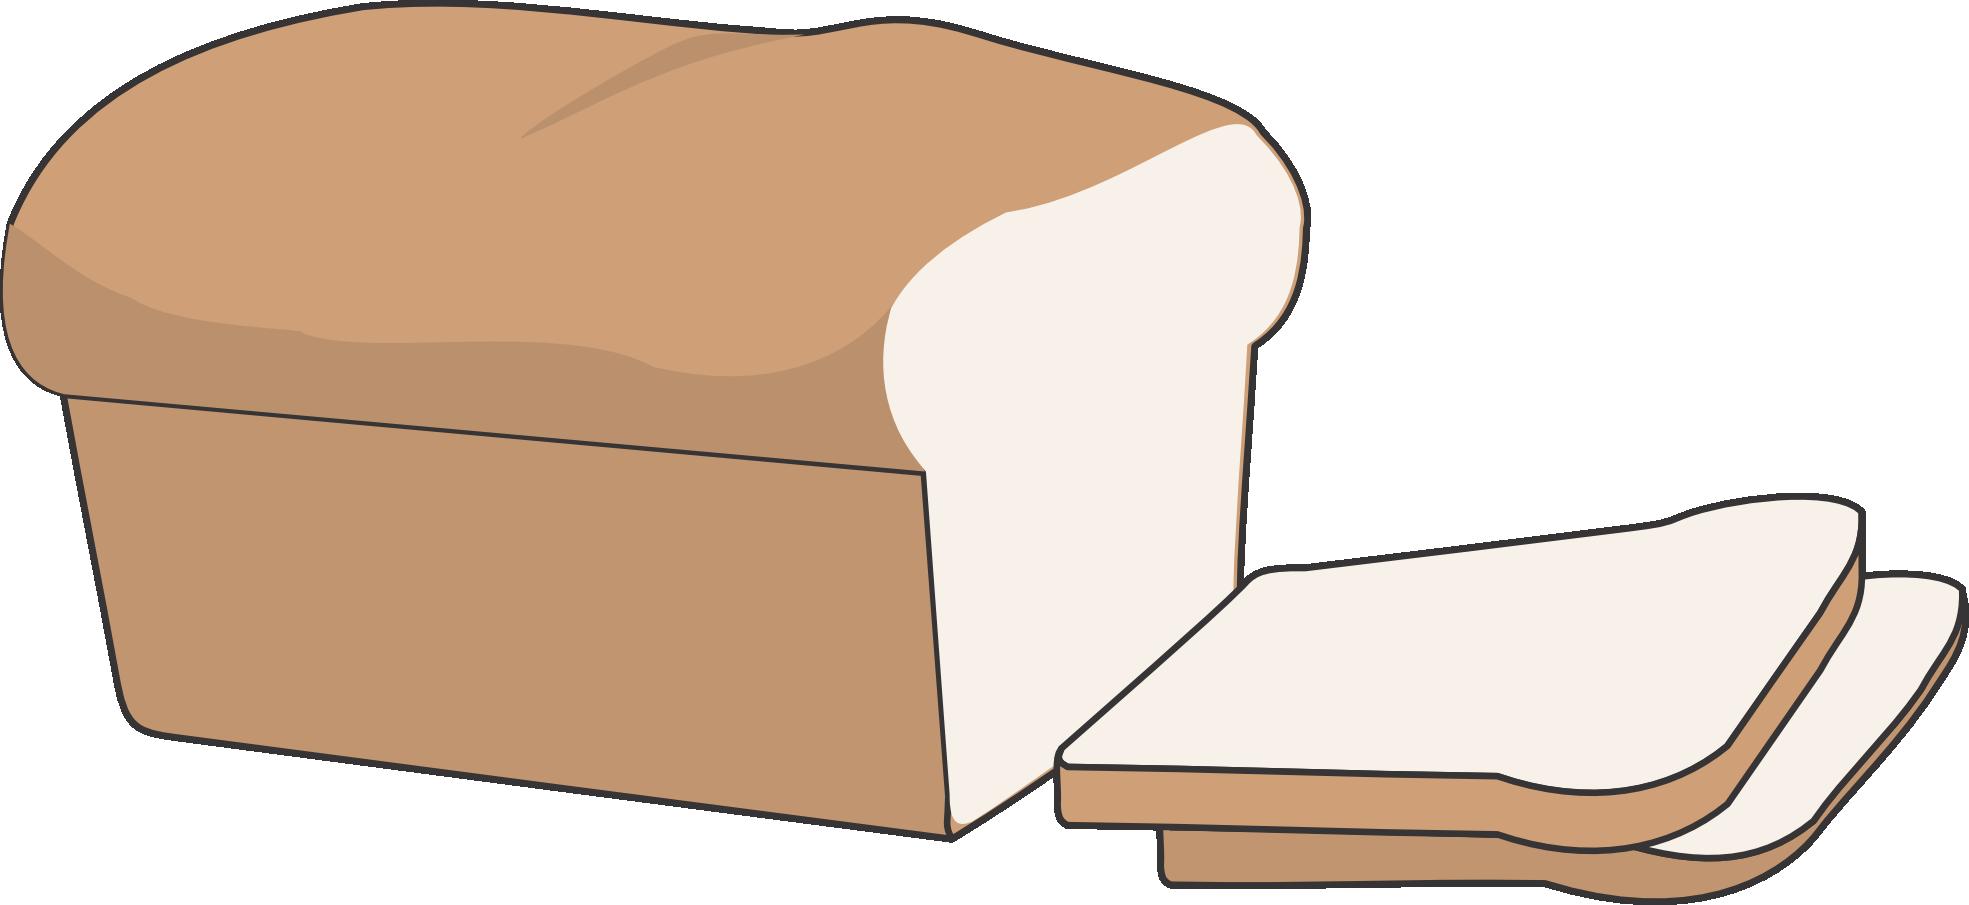 Bread clipart 2